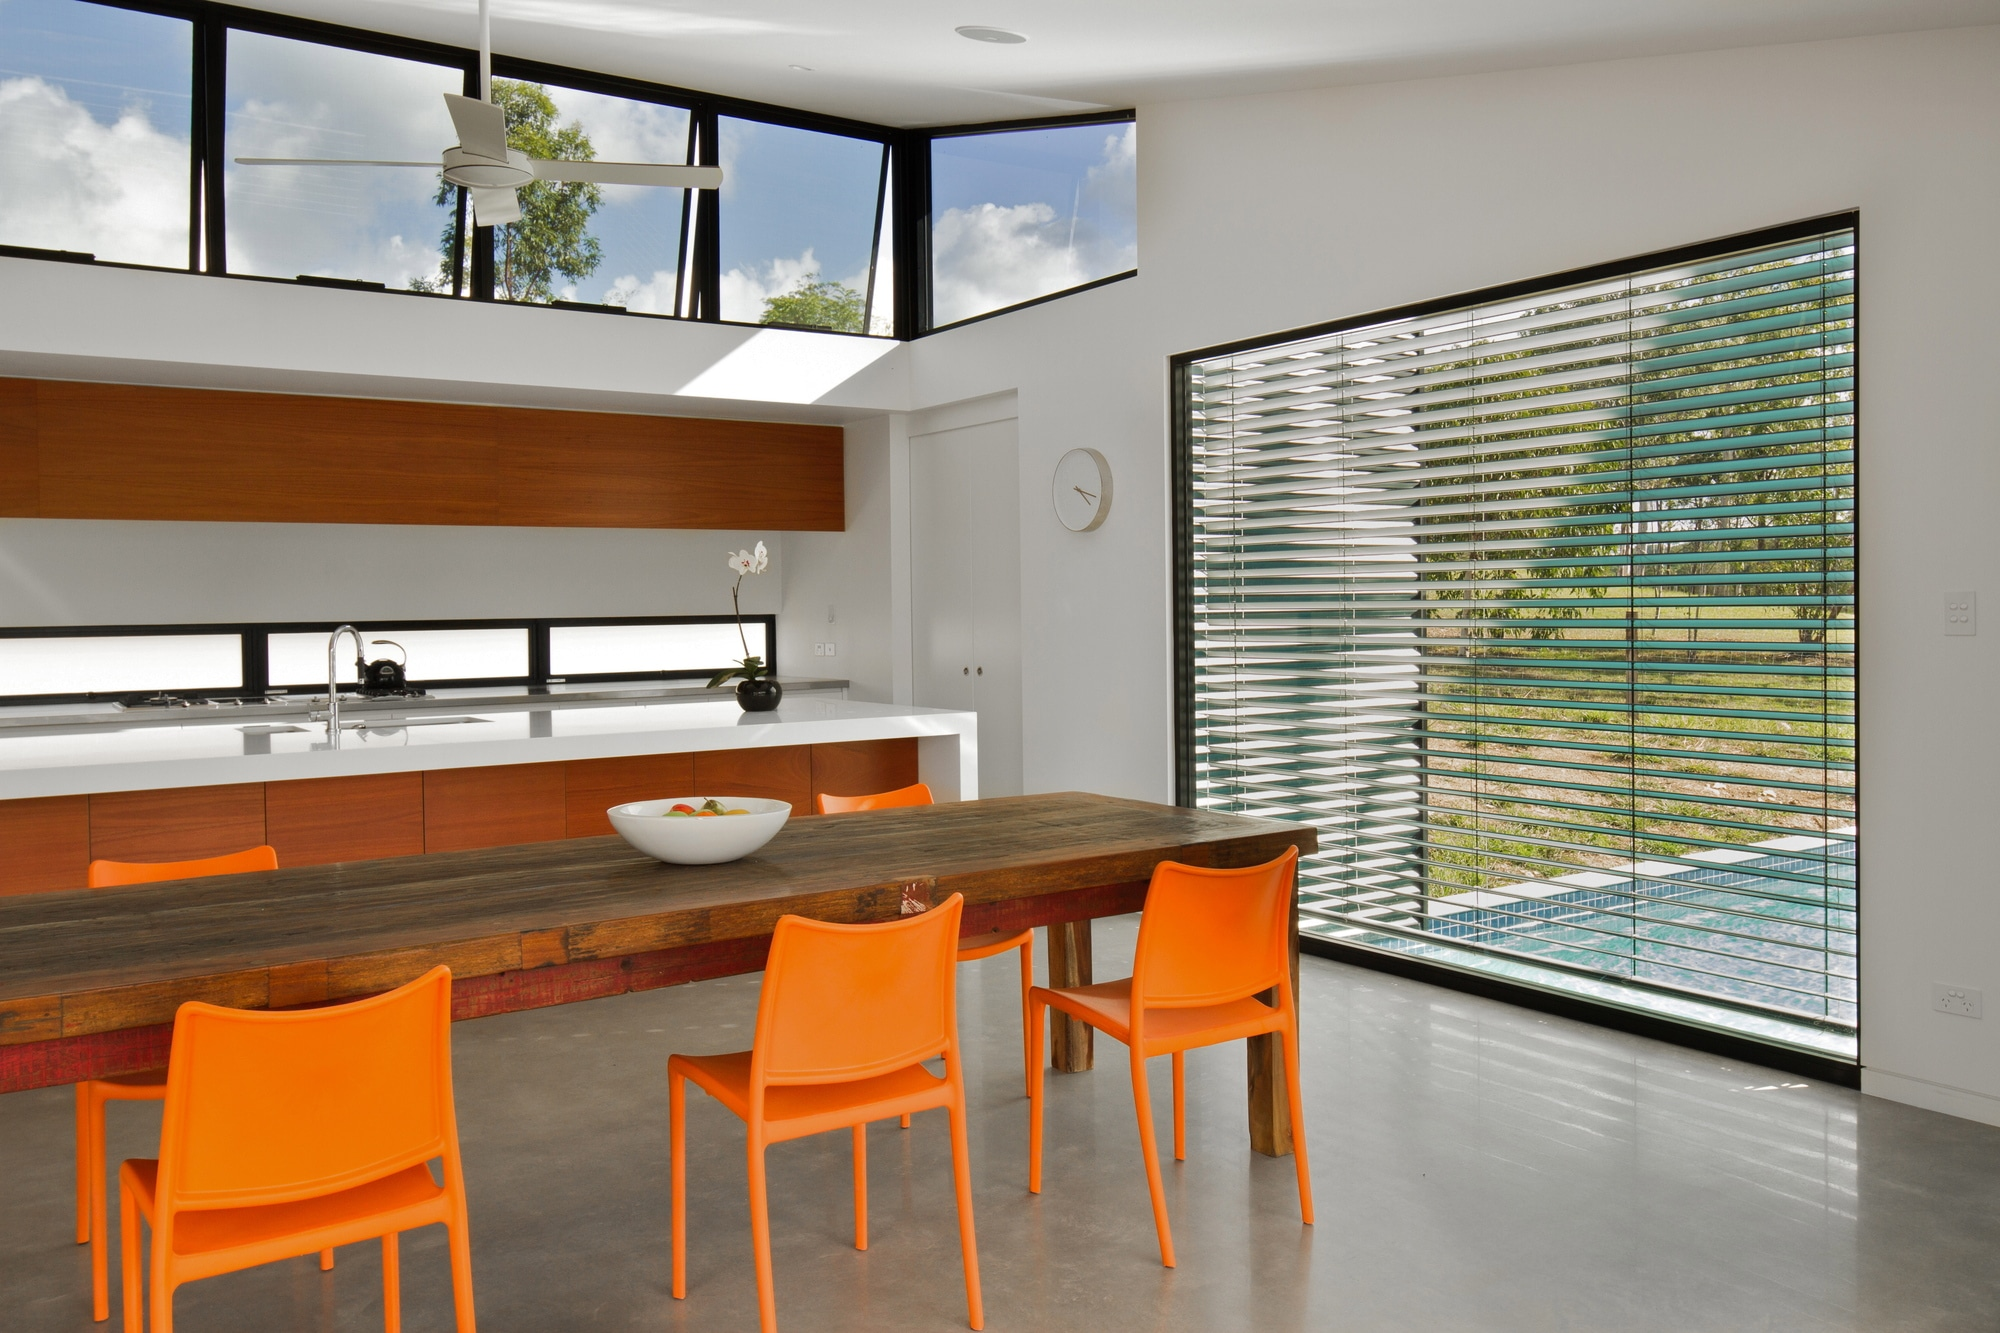 Dise o de casa moderna en terreno largo y angosto for Disenos de cocinas comedor modernas